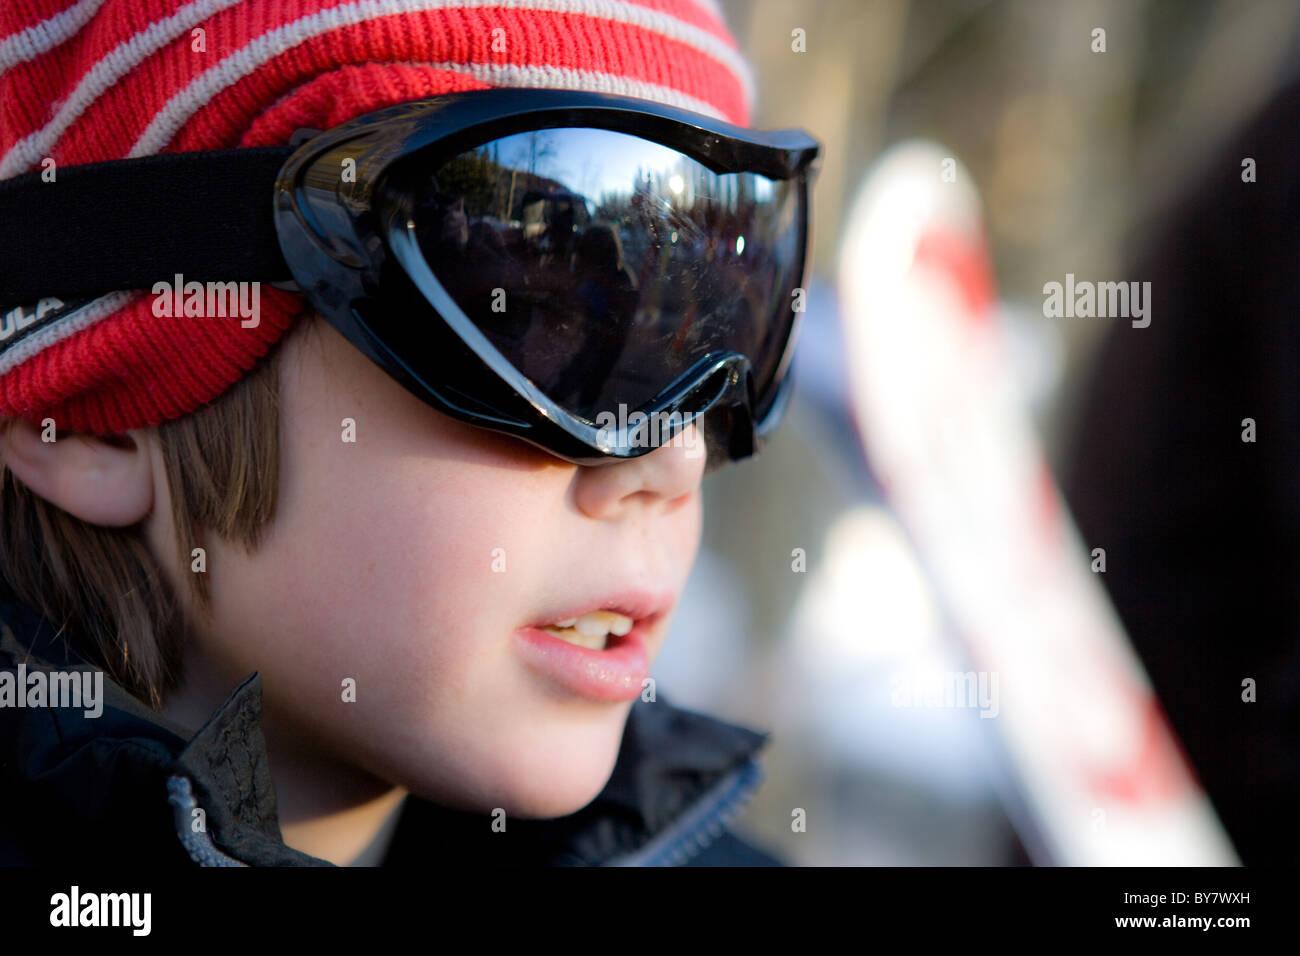 Bambino di otto anni che indossa googles e una Red Hat, prepararsi a sciare Immagini Stock